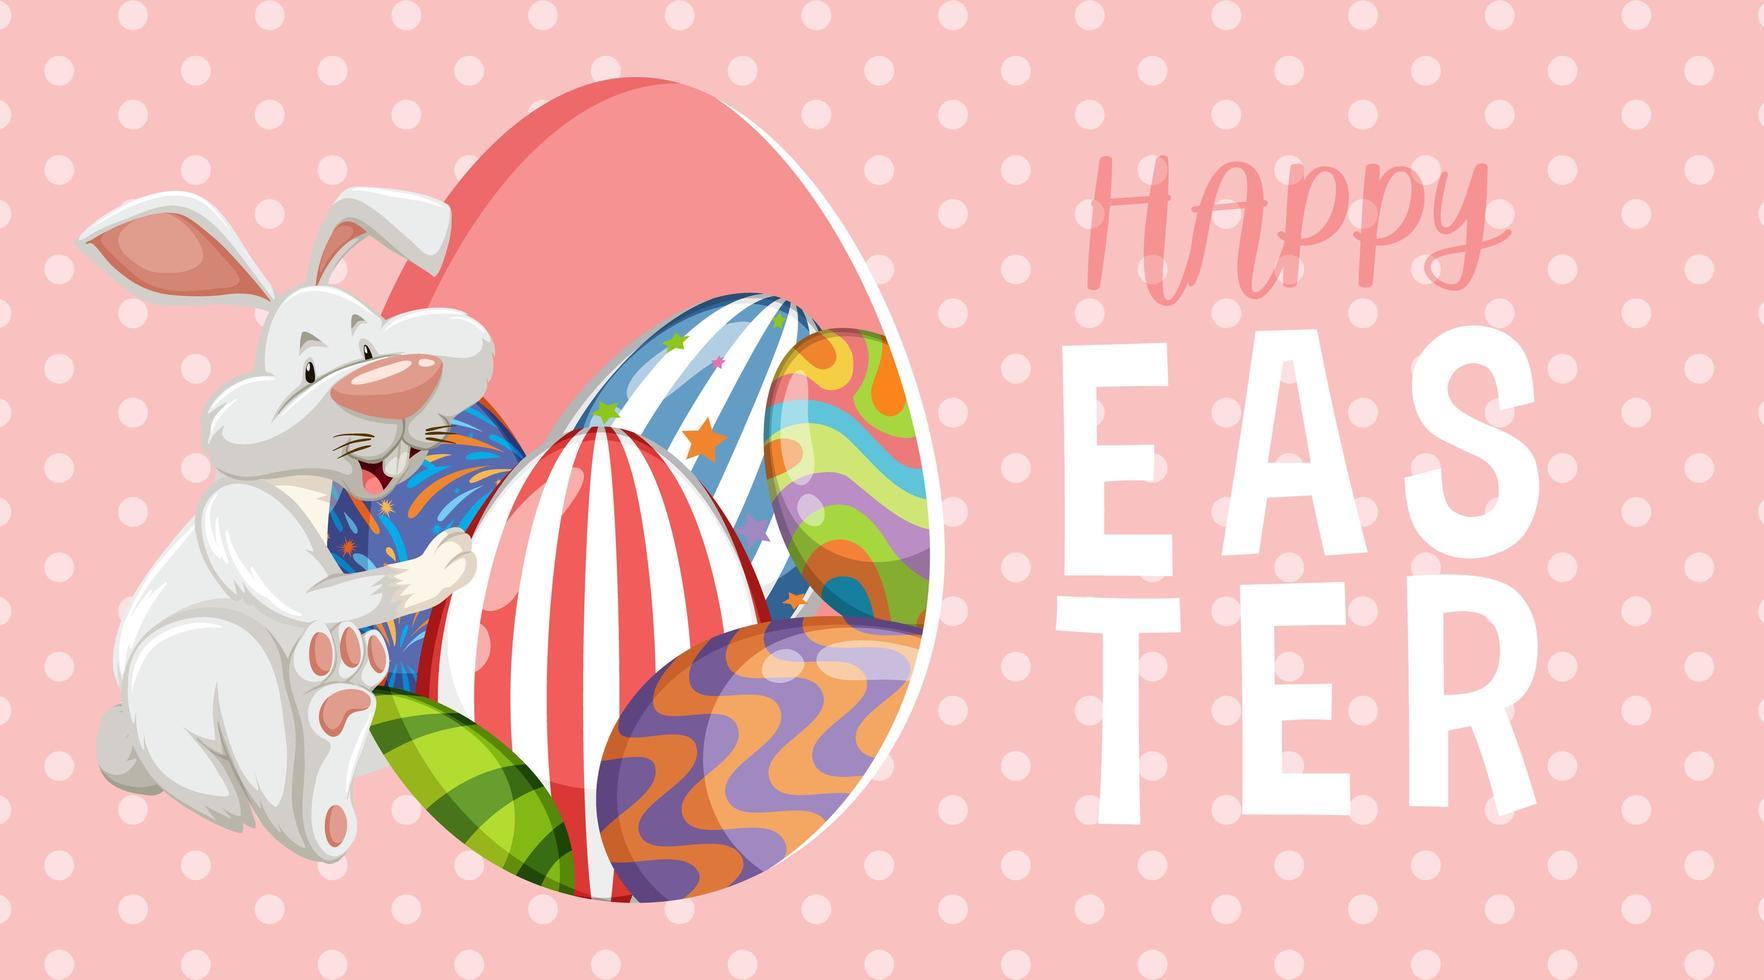 roze, witte polka dot Pasen achtergrond met konijn en eieren vector